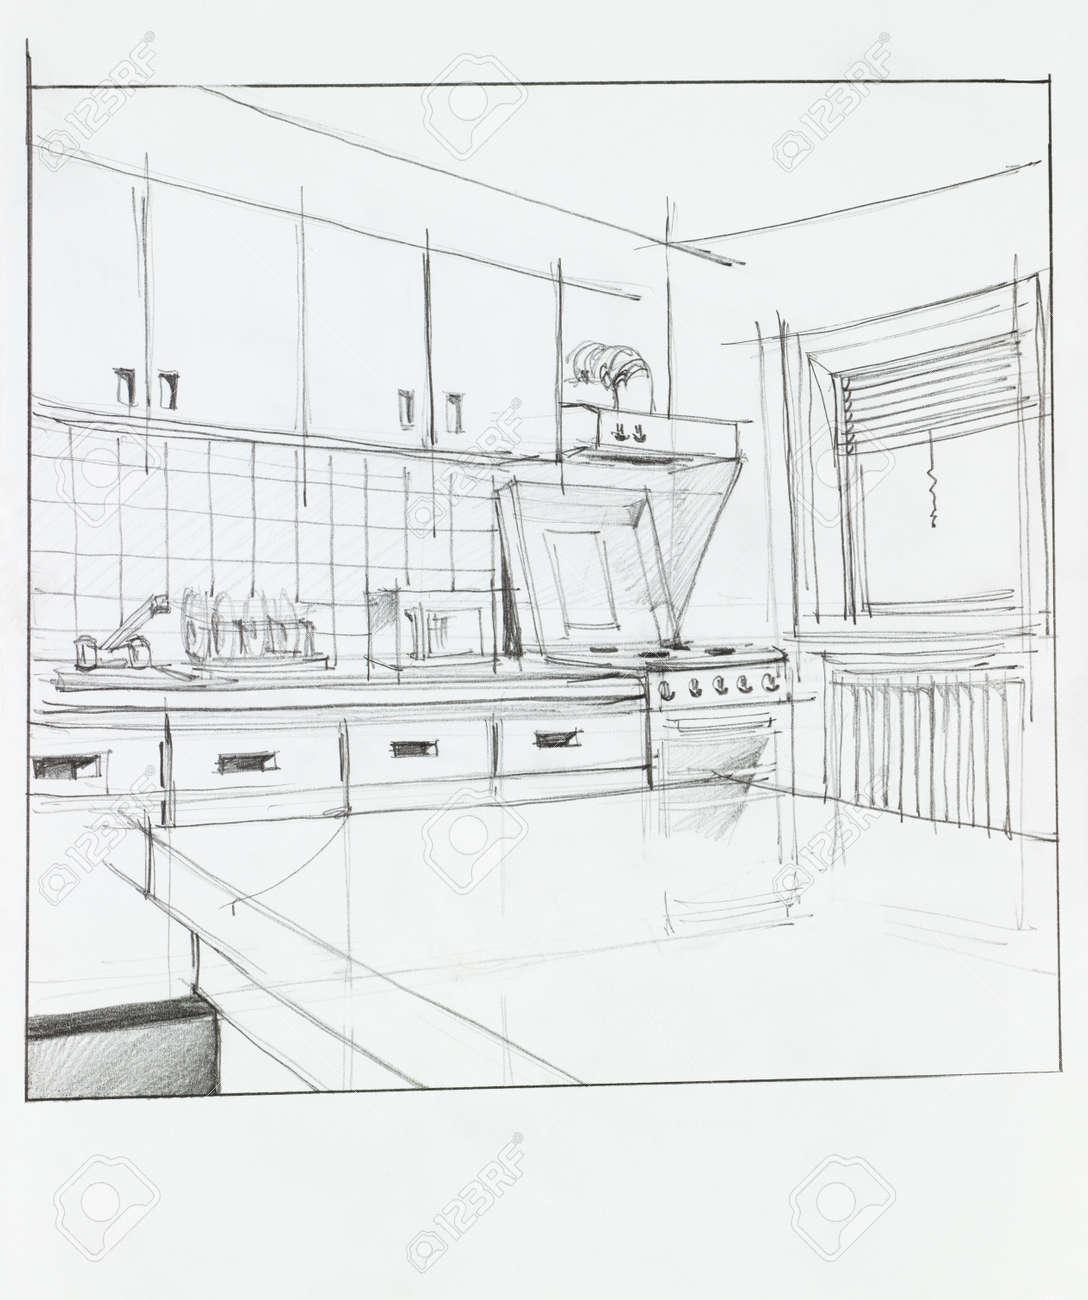 archivio fotografico mano interior prospettiva di cucina disegnato